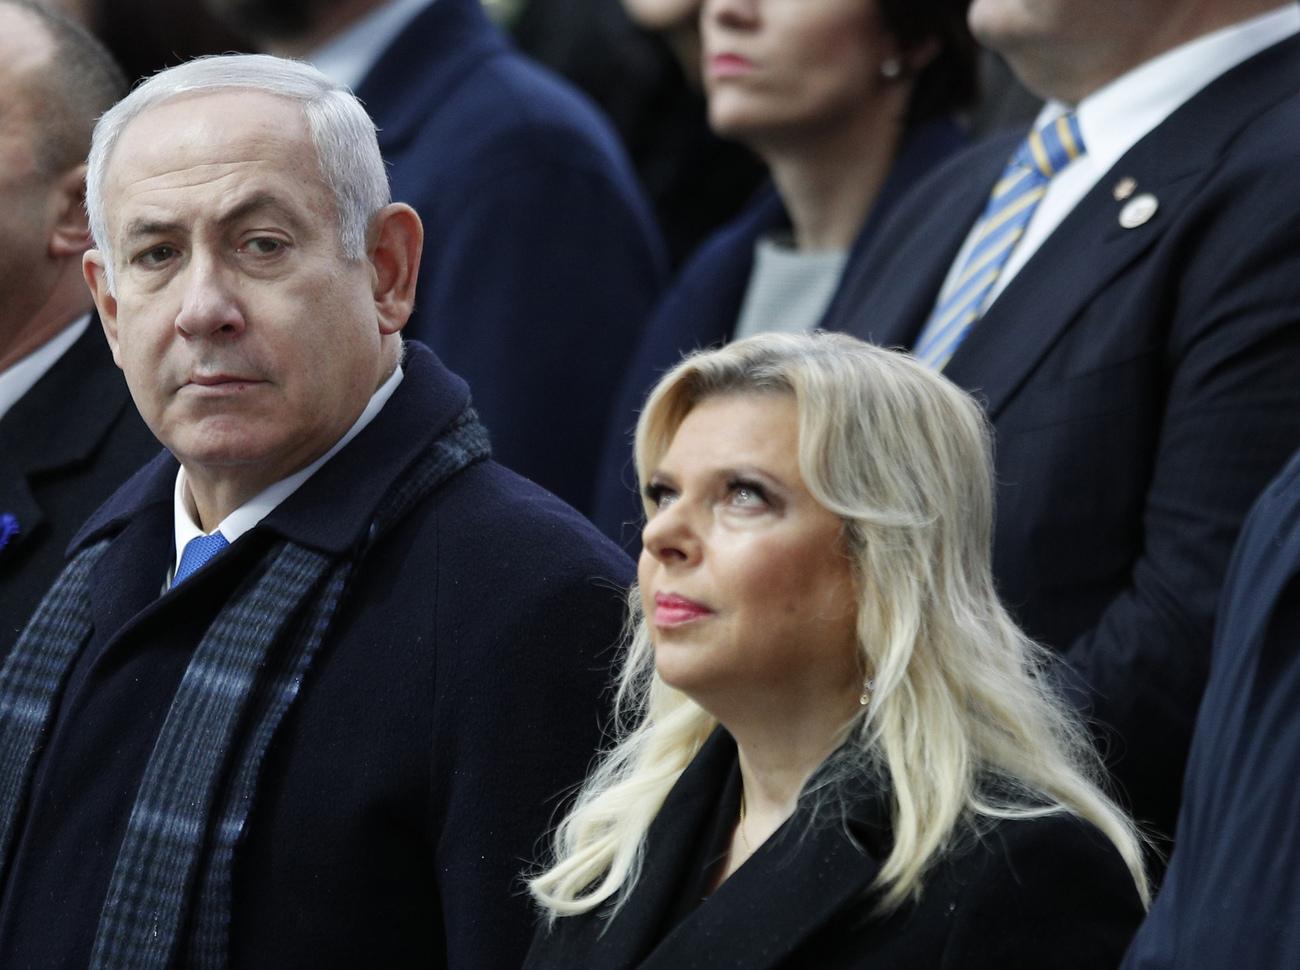 La police israélienne recommande l'inculpation de Netanyahu pour corruption — Israël